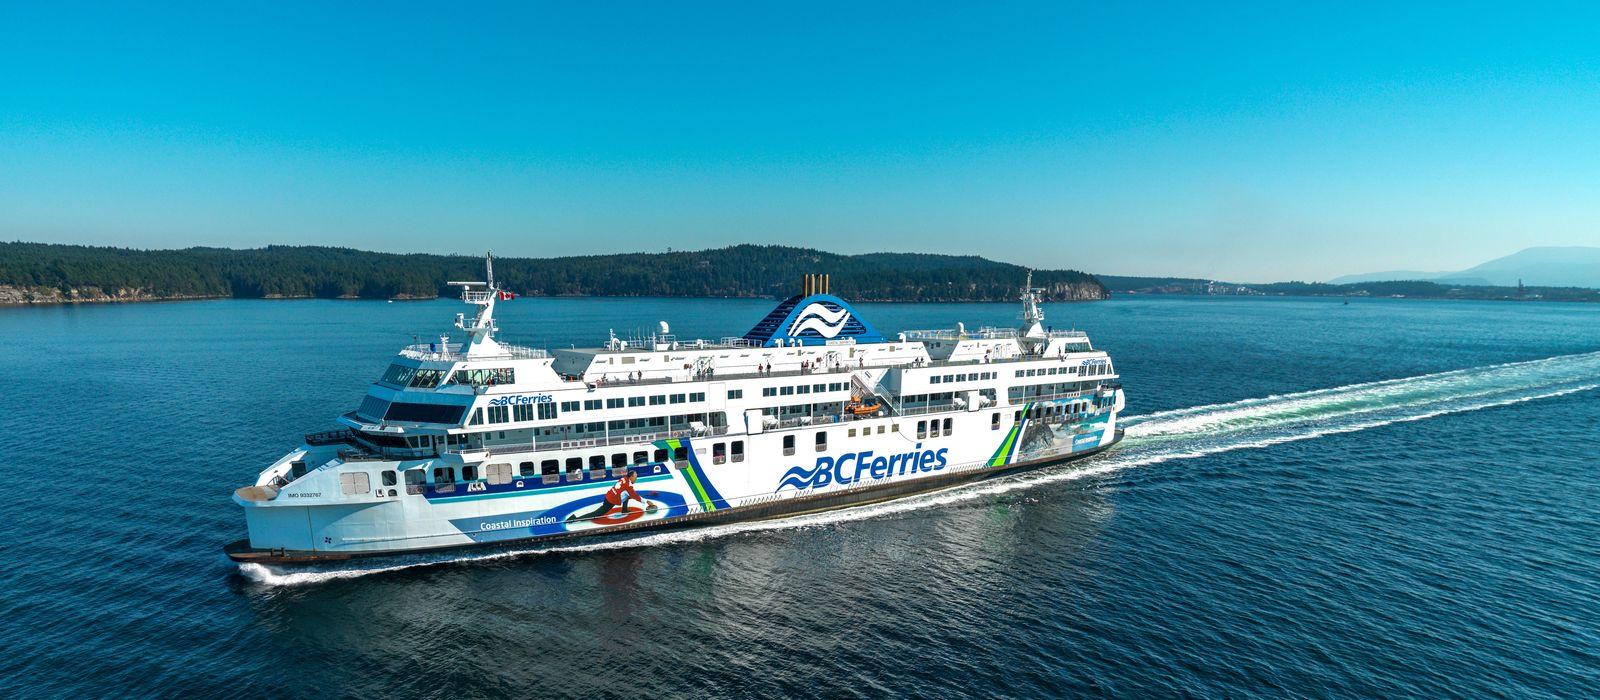 Coastal Inspiration der BC Ferries